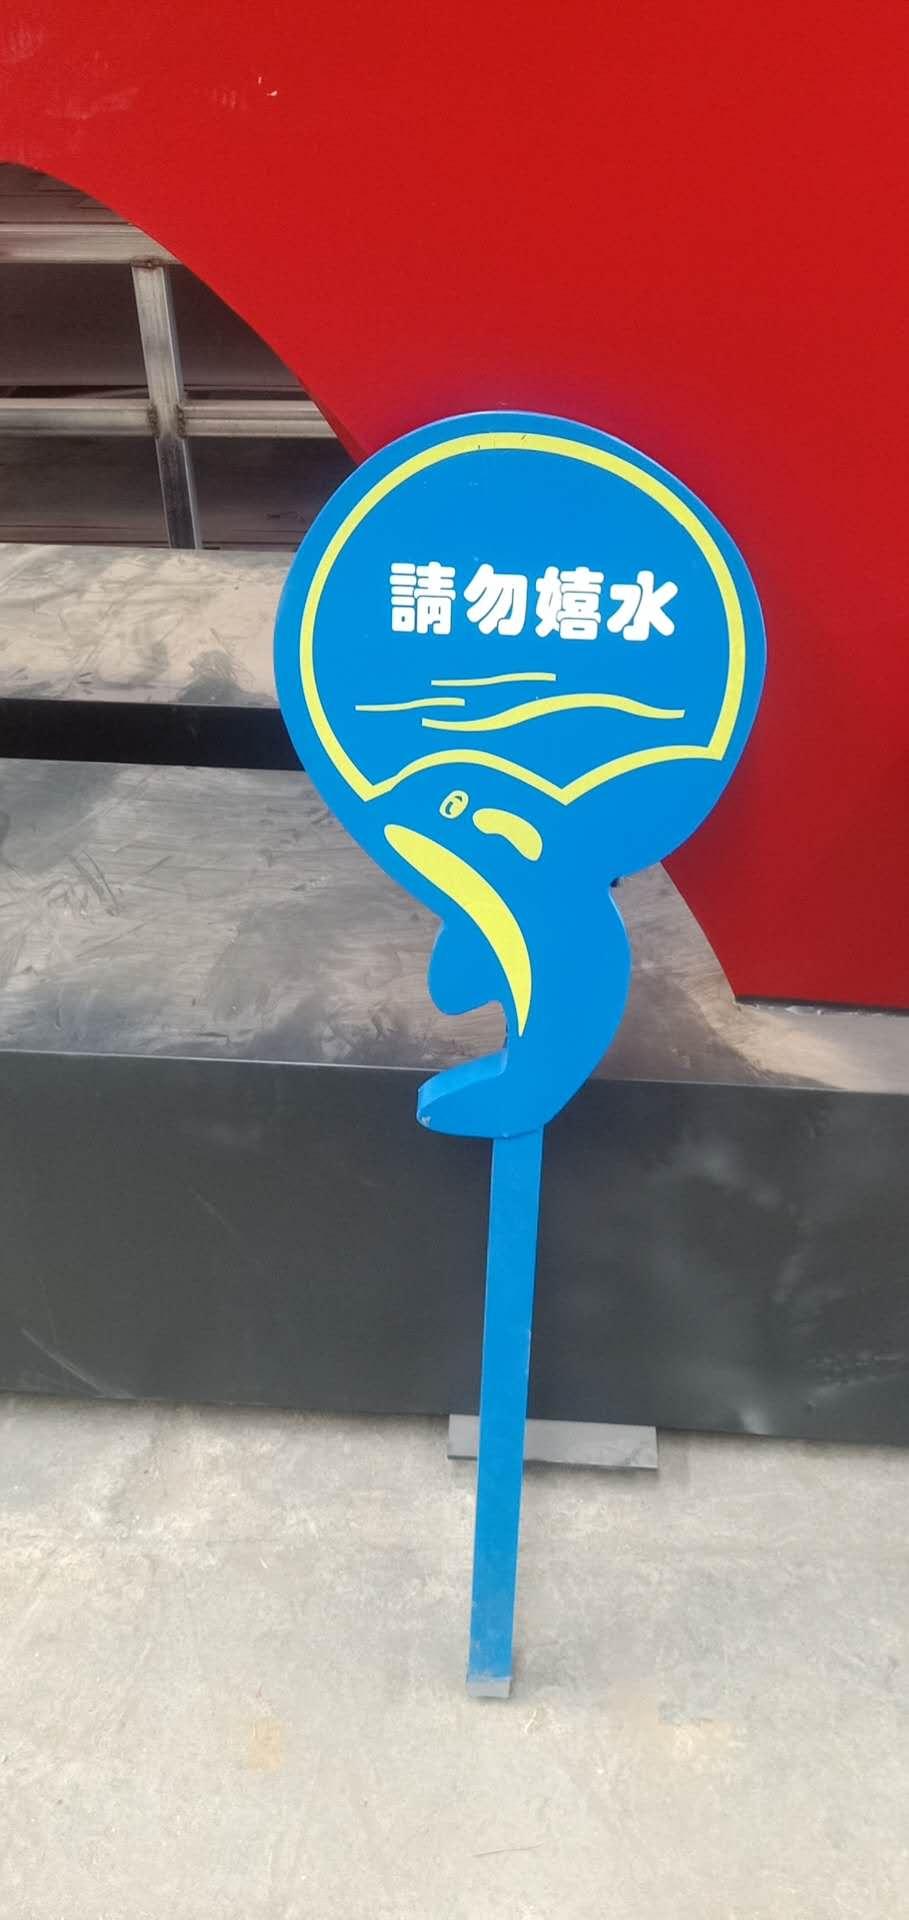 邹城公园小区花草牌标识牌